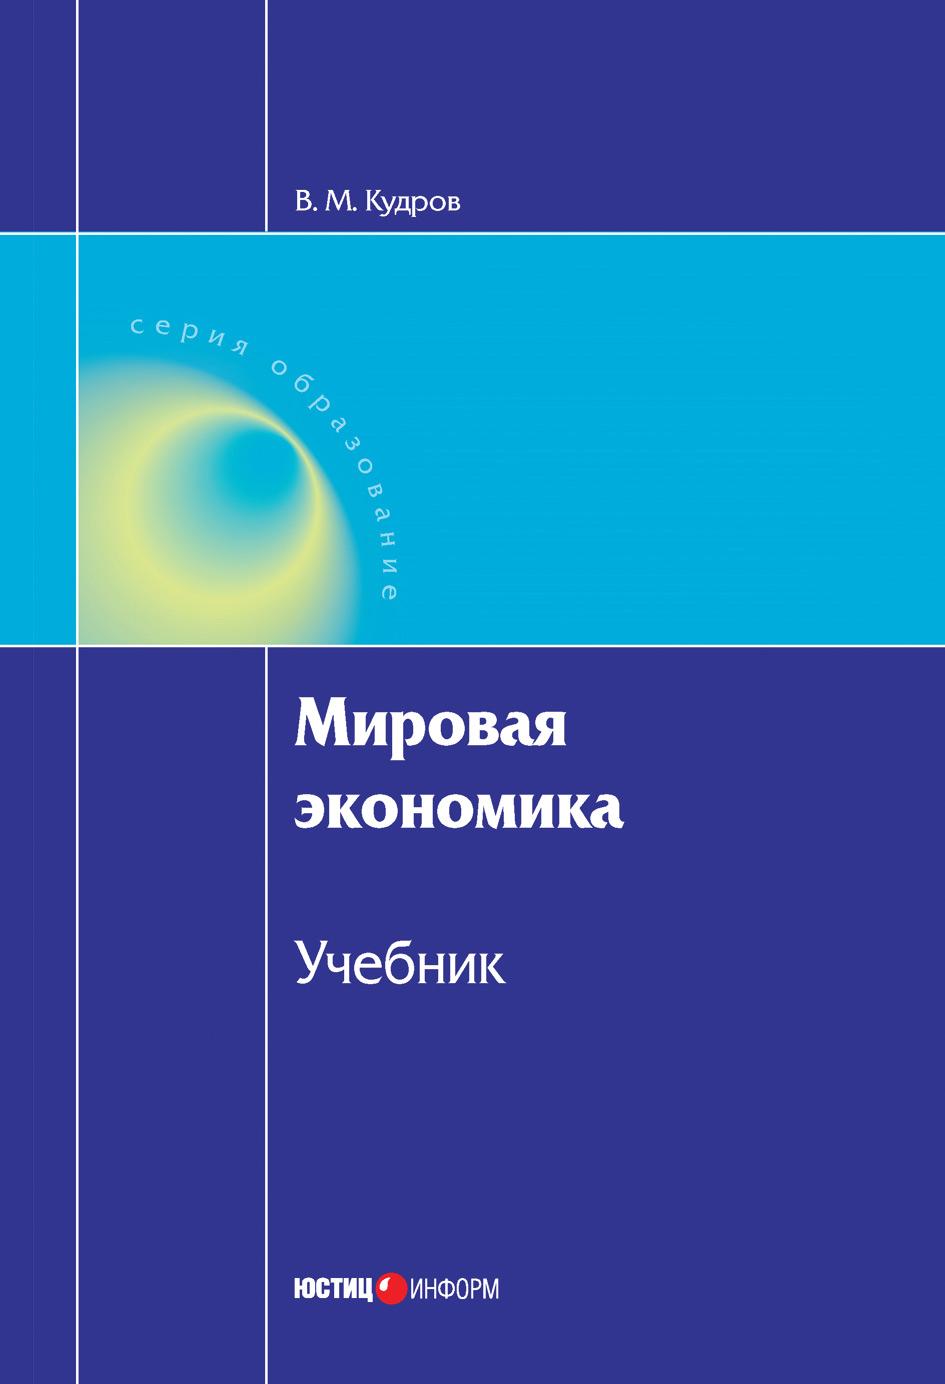 В. М. Кудров Мировая экономика герасимова р сравнительный анализ экономического развития и рыночных реформ в странах с переходной экономикой в 1990 2009 годы монография